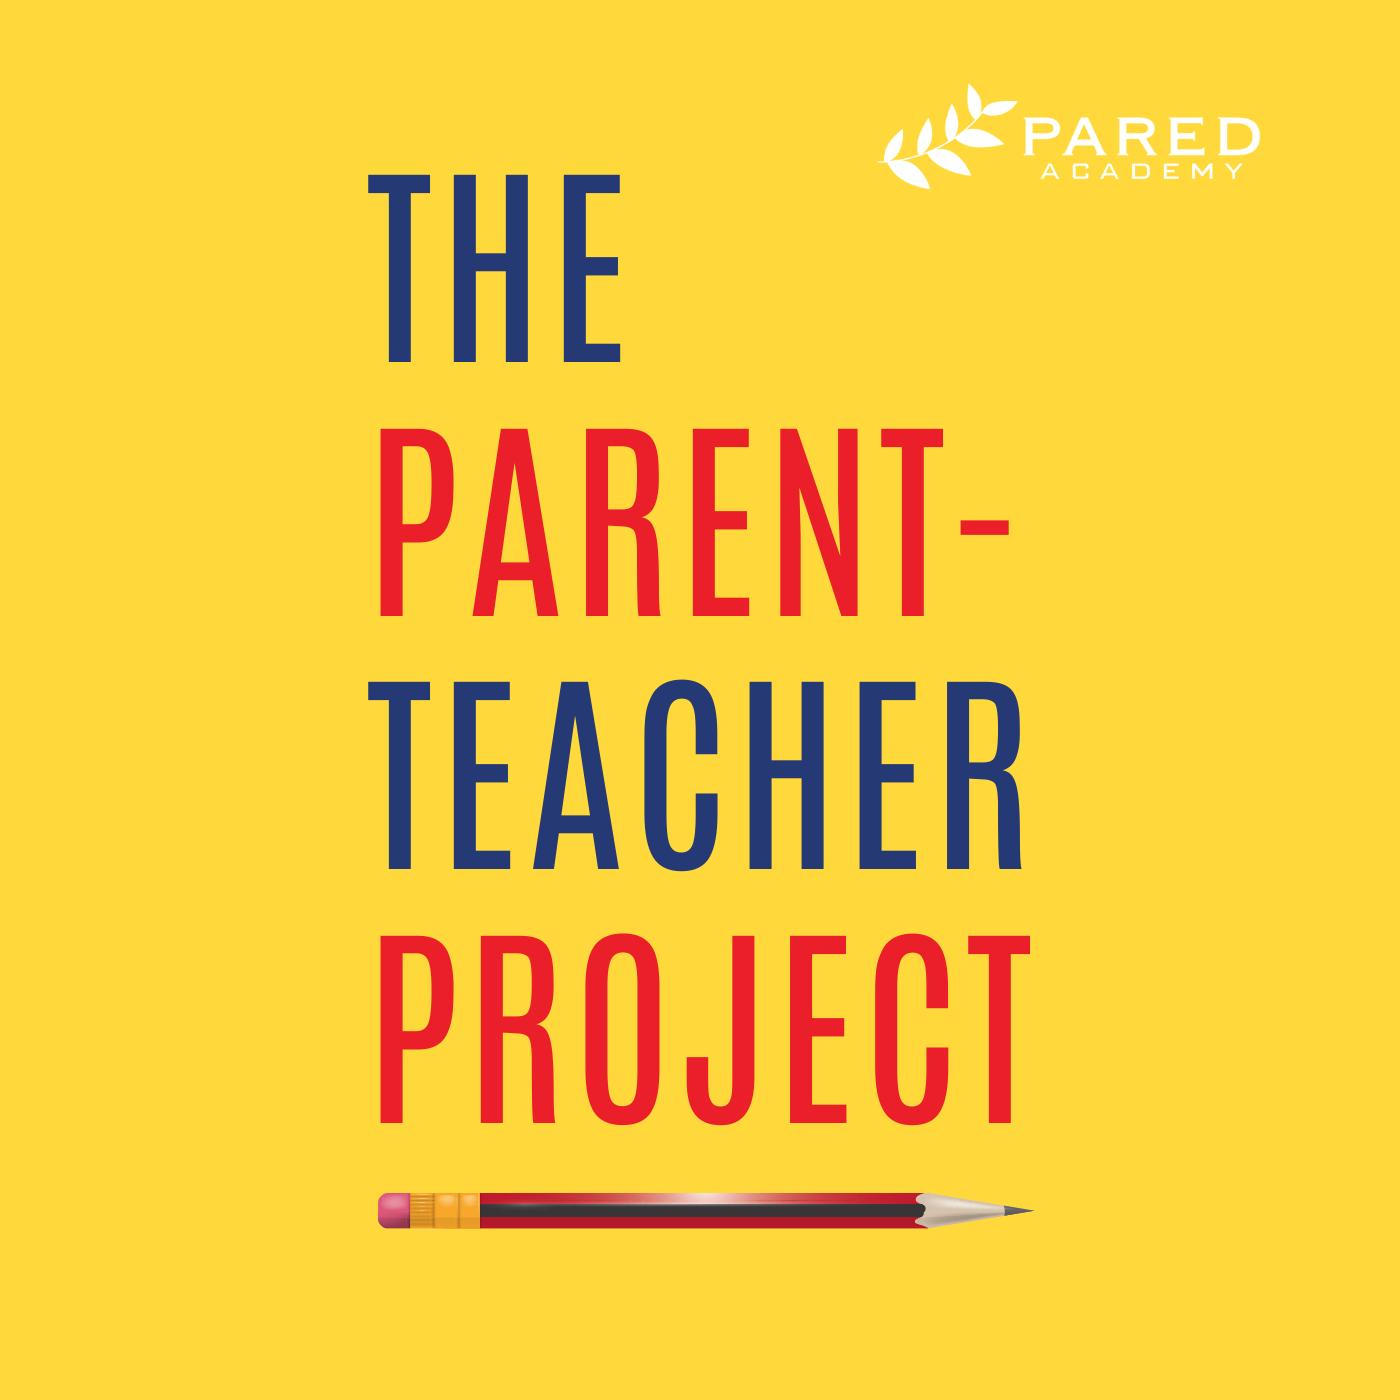 The Parent-Teacher Project podcast show image